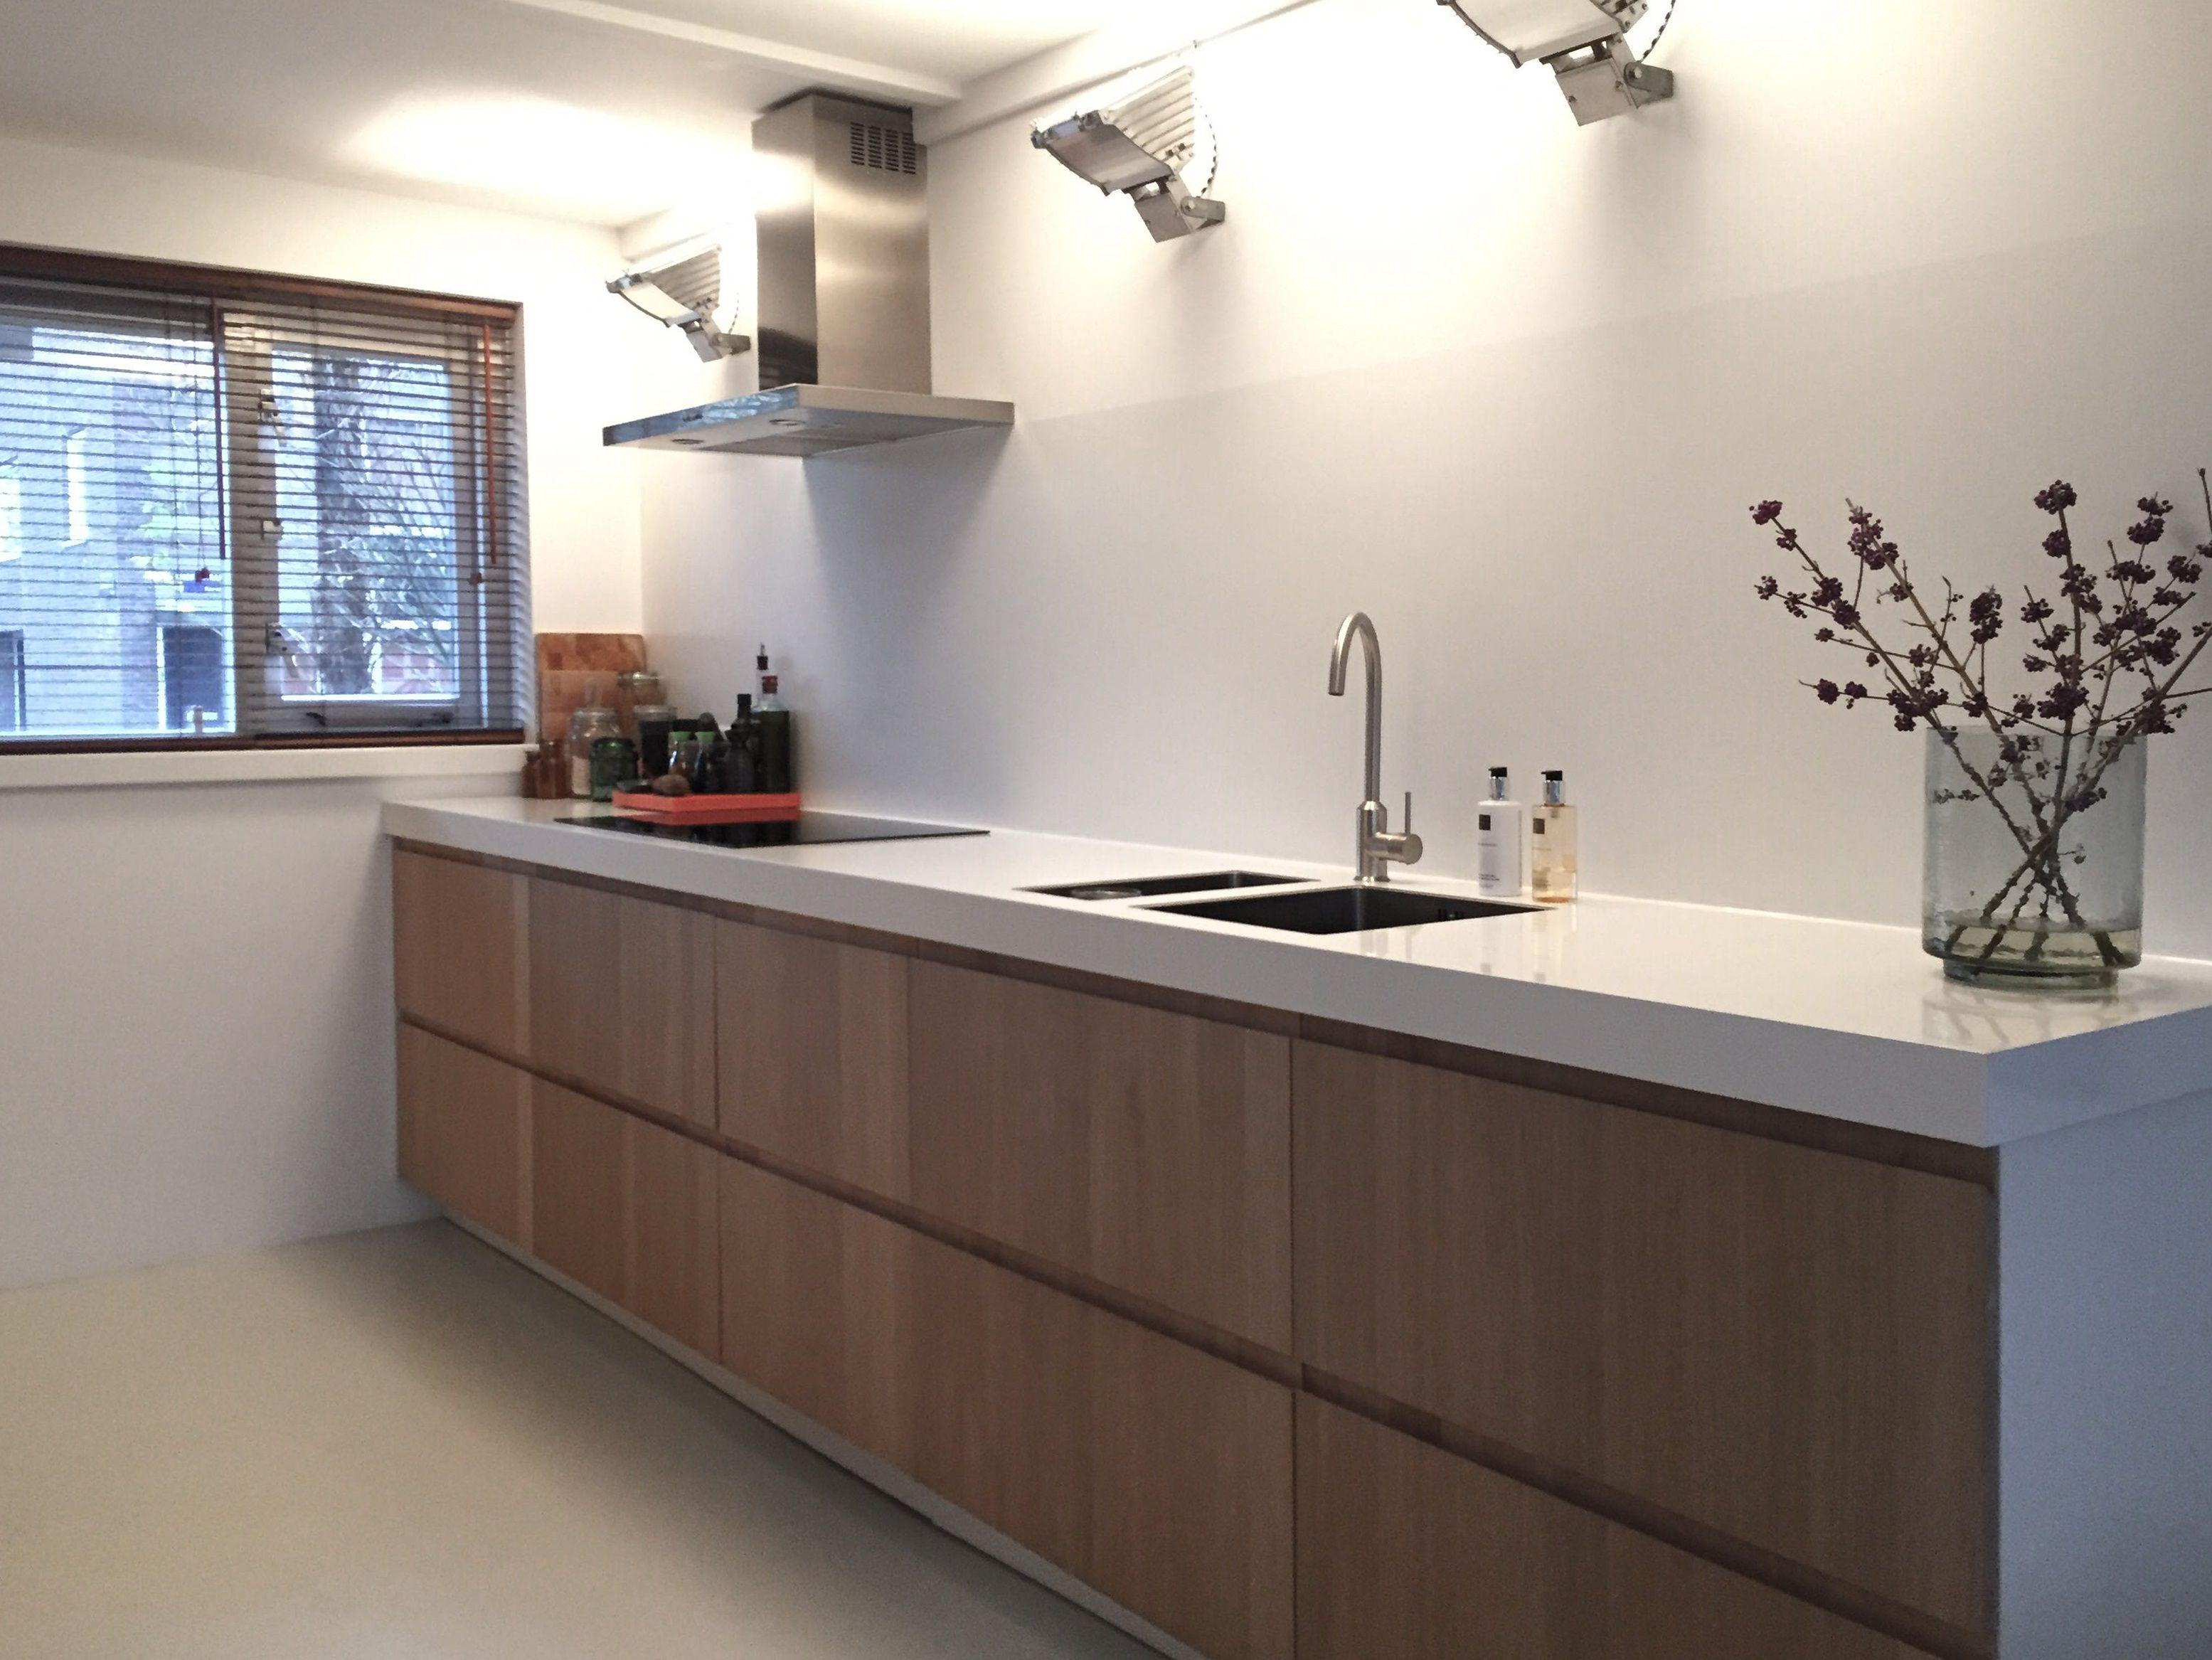 Keuken Ikea Open : Modern en scandinavisch industriële keuken gemaakt op basis van